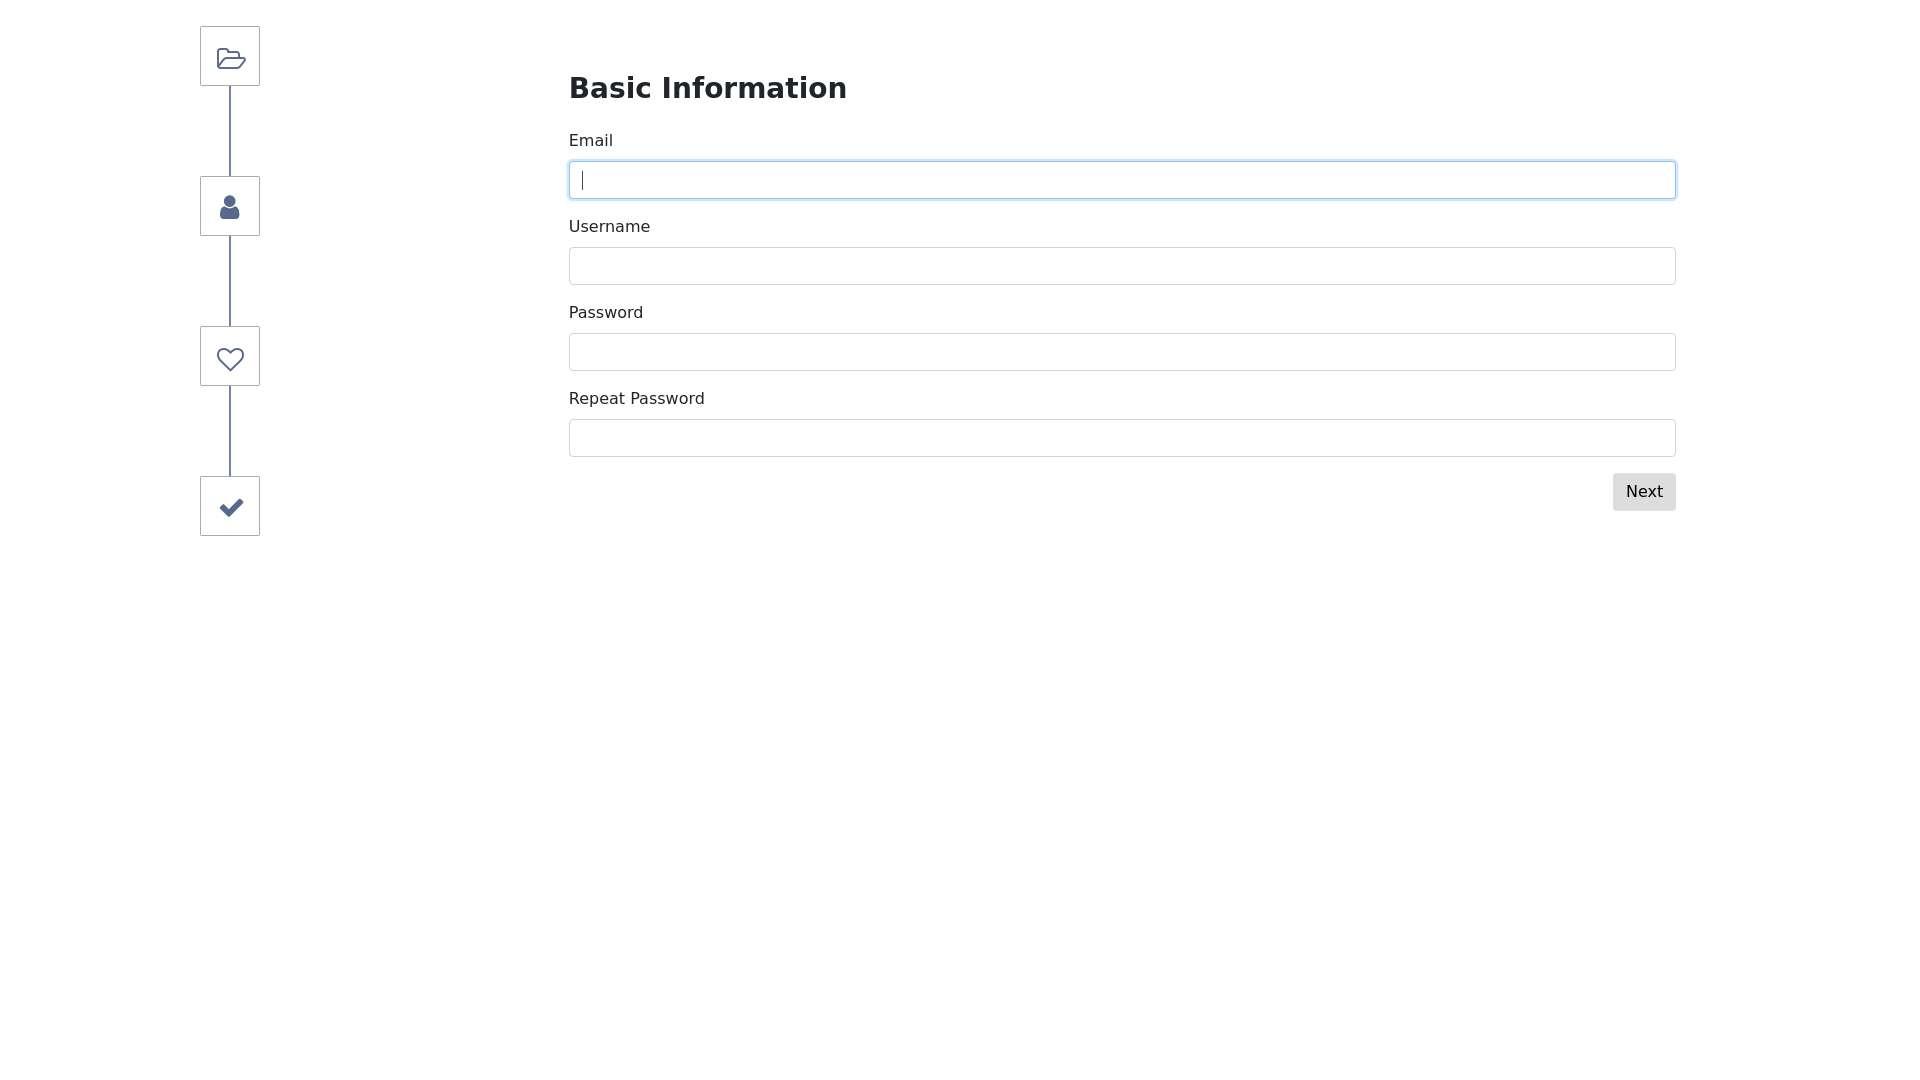 Vertical registration form steps